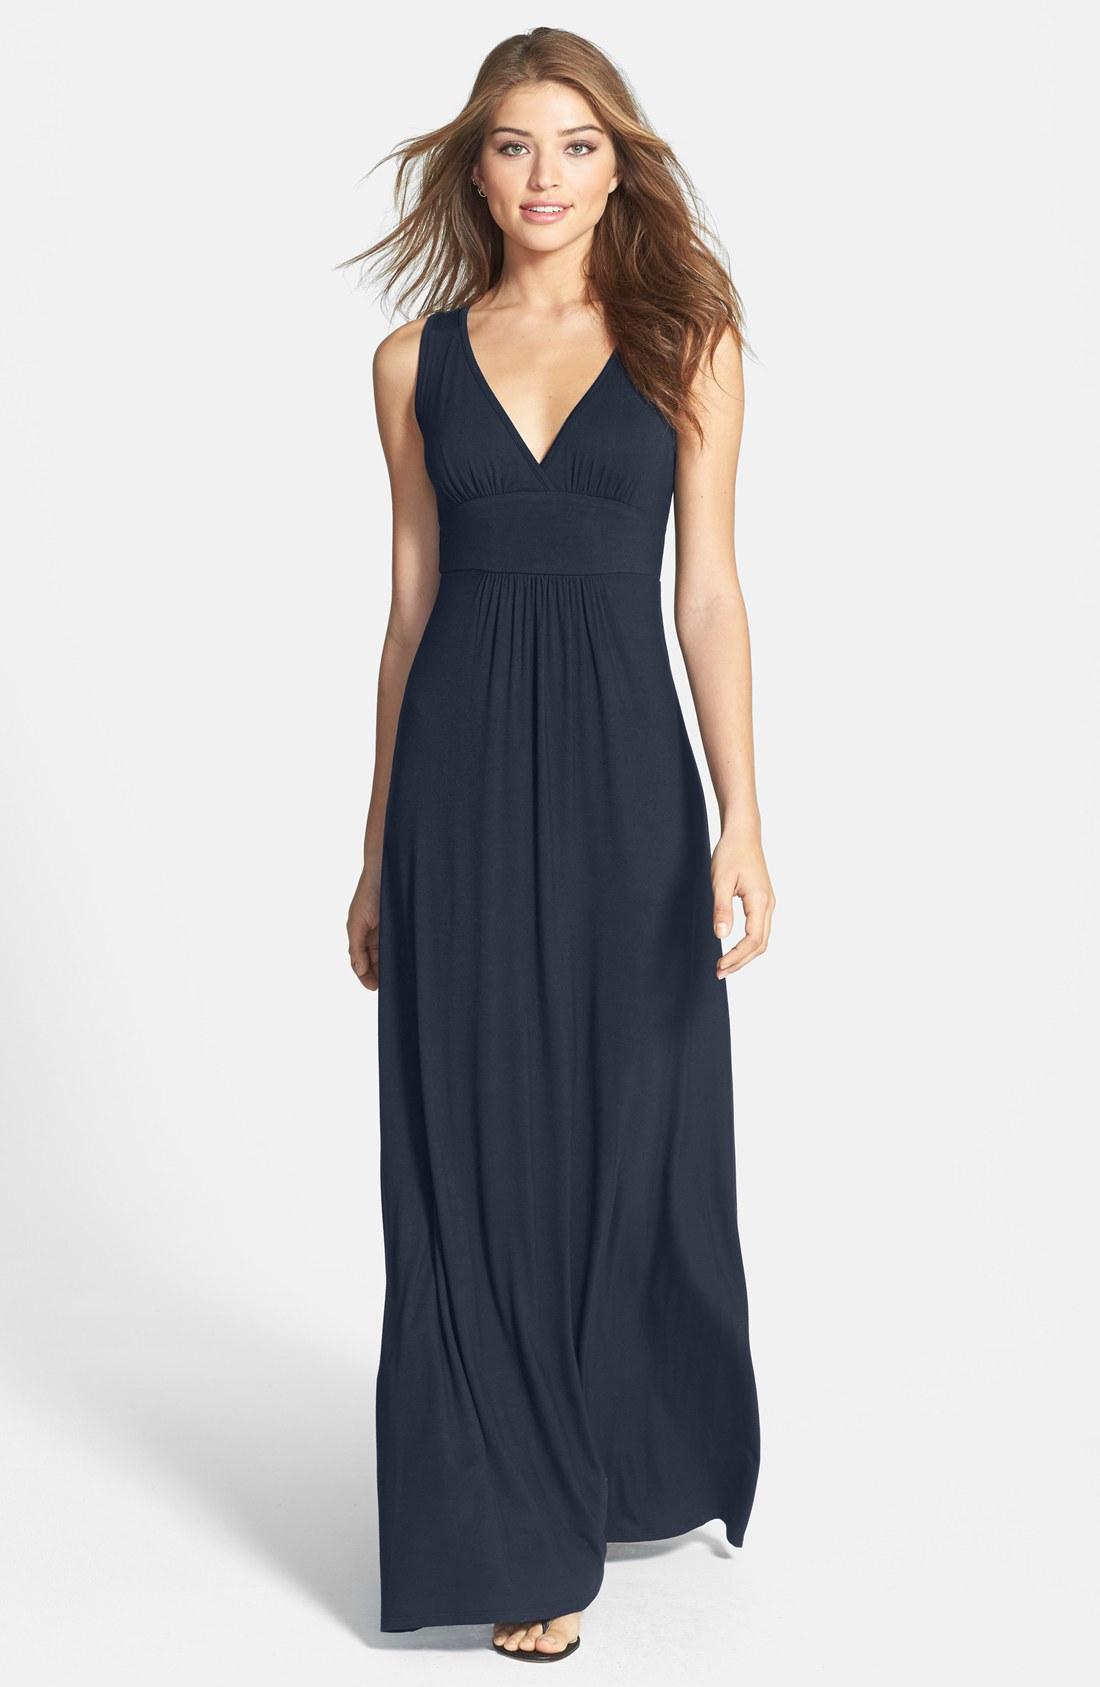 maxi dresses loveappella v-neck jersey maxi dress (regular u0026 petite) | nordstrom AEGLDRD